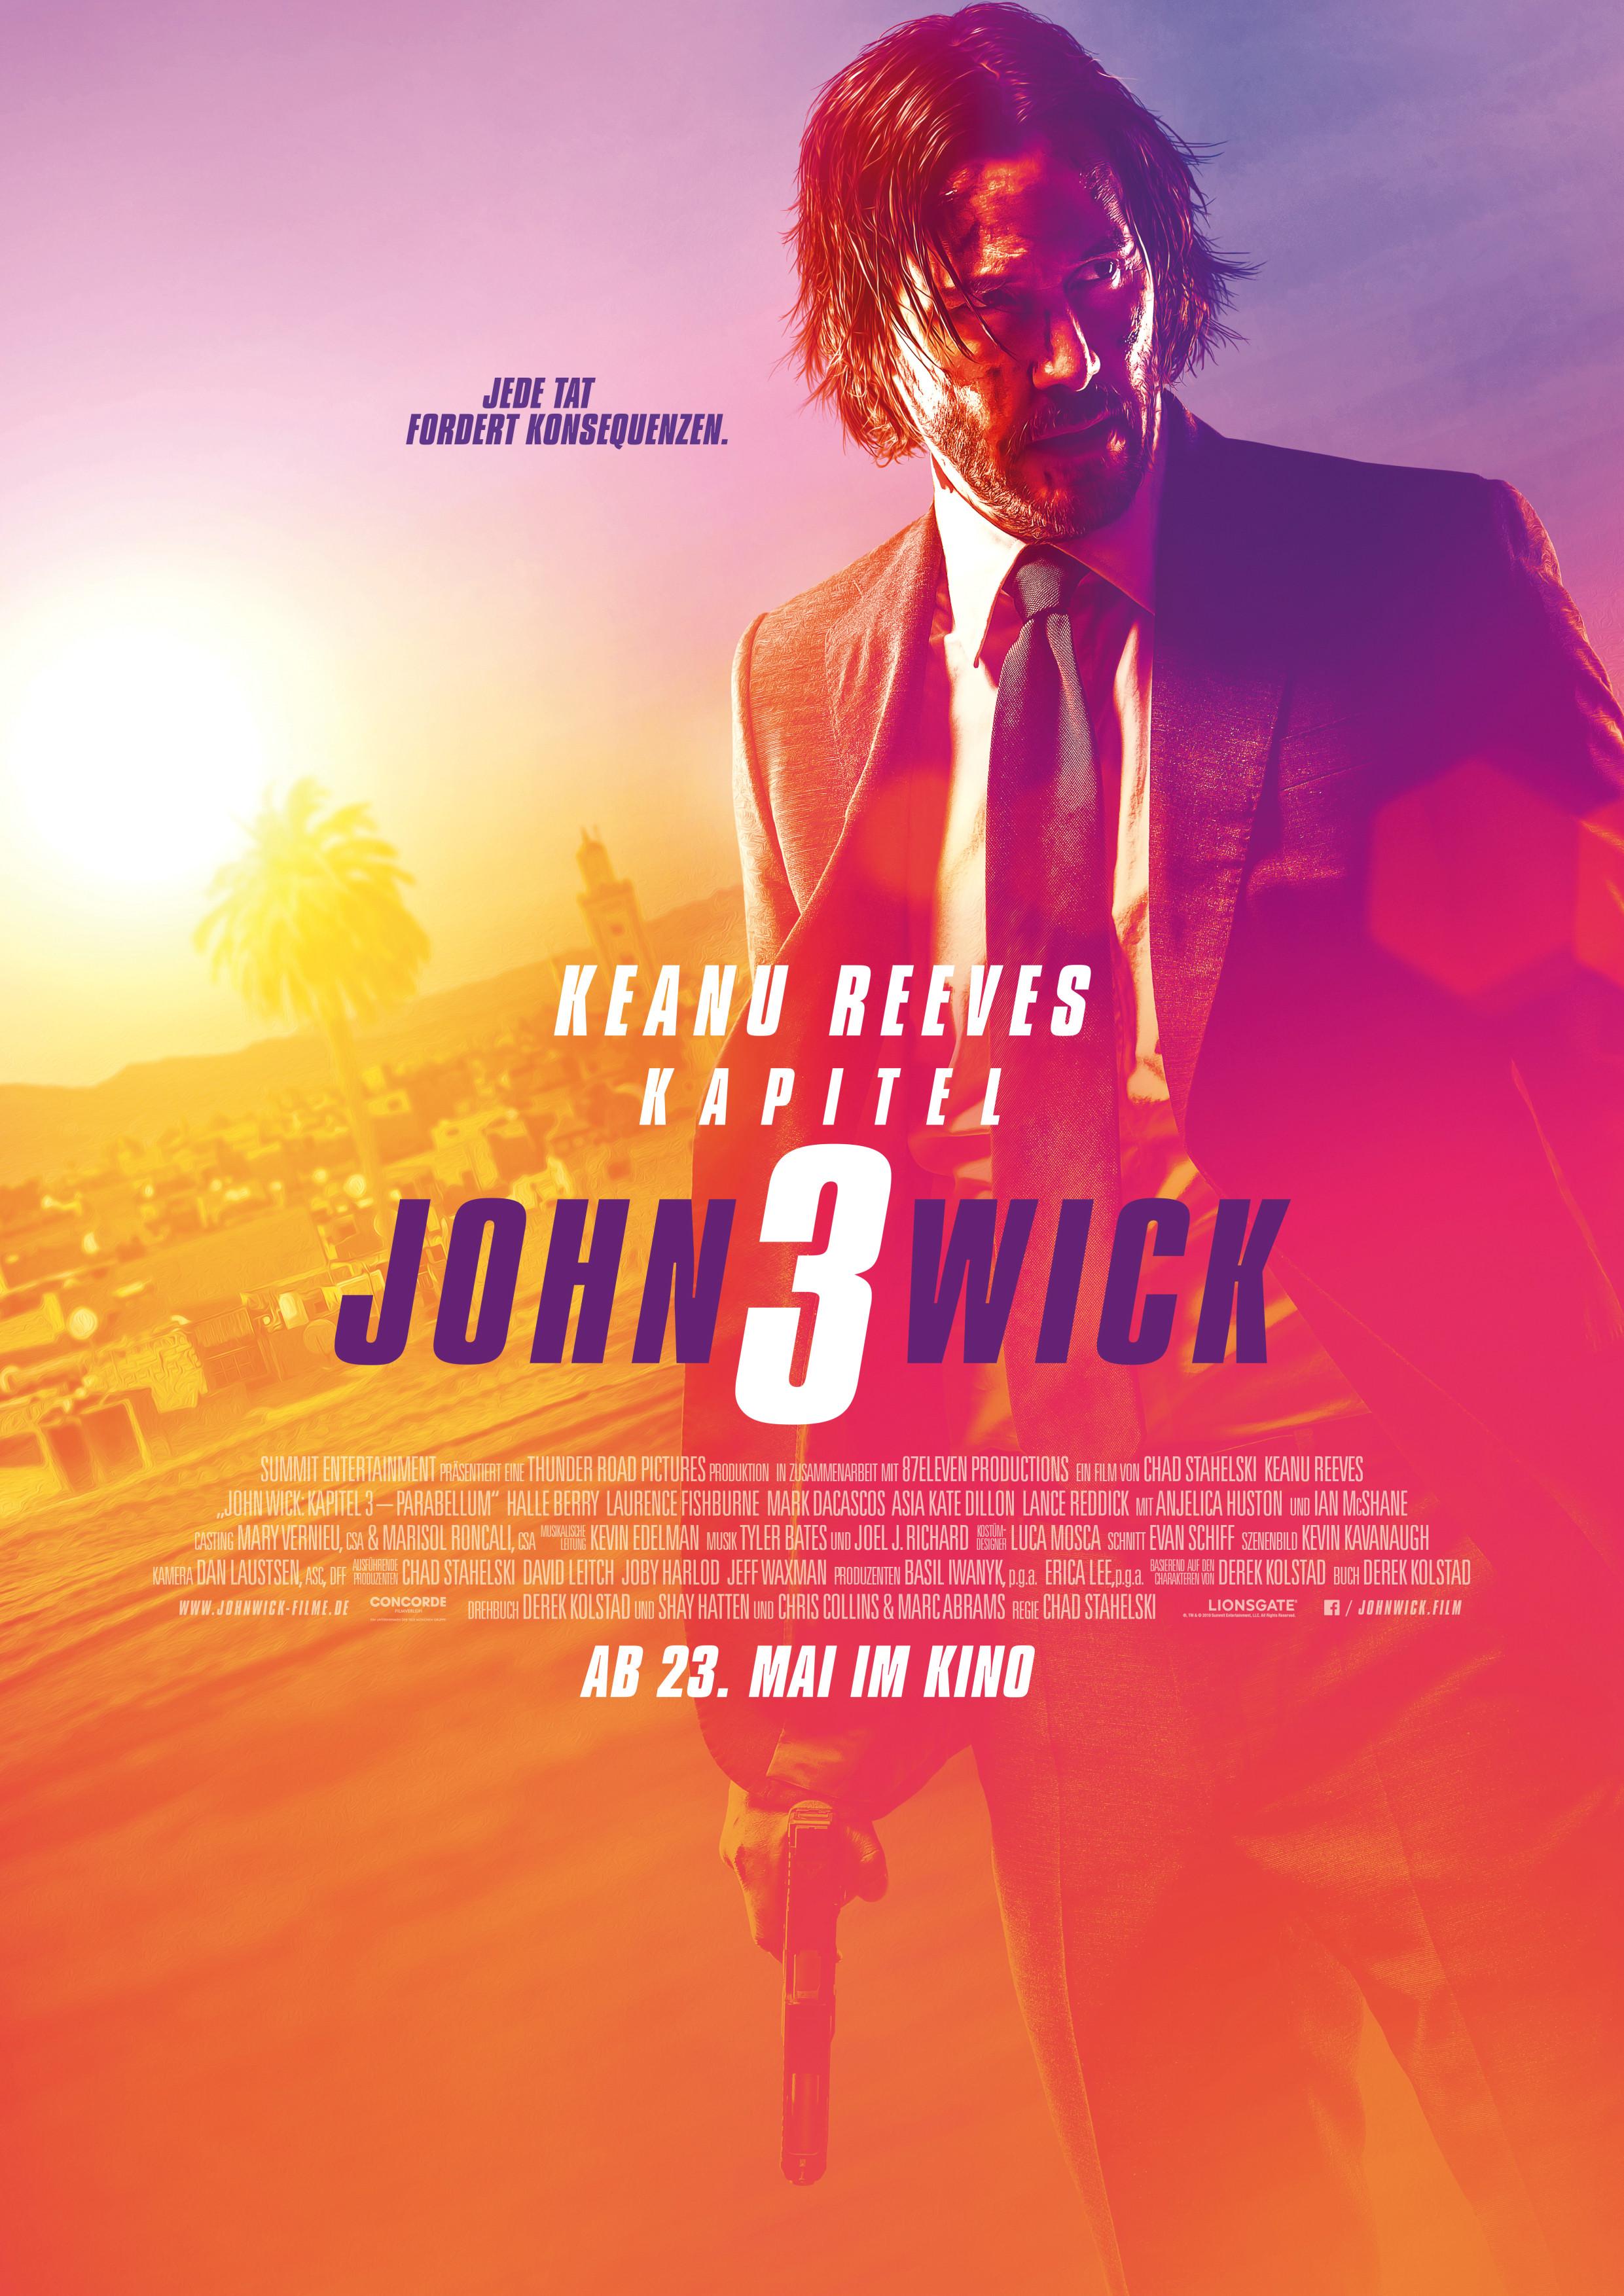 Schöne Ausmalbilder Zu Weihnachten Neu John Wick Kapitel 3 2019 · Trailer · Kritik · Kino Sammlung